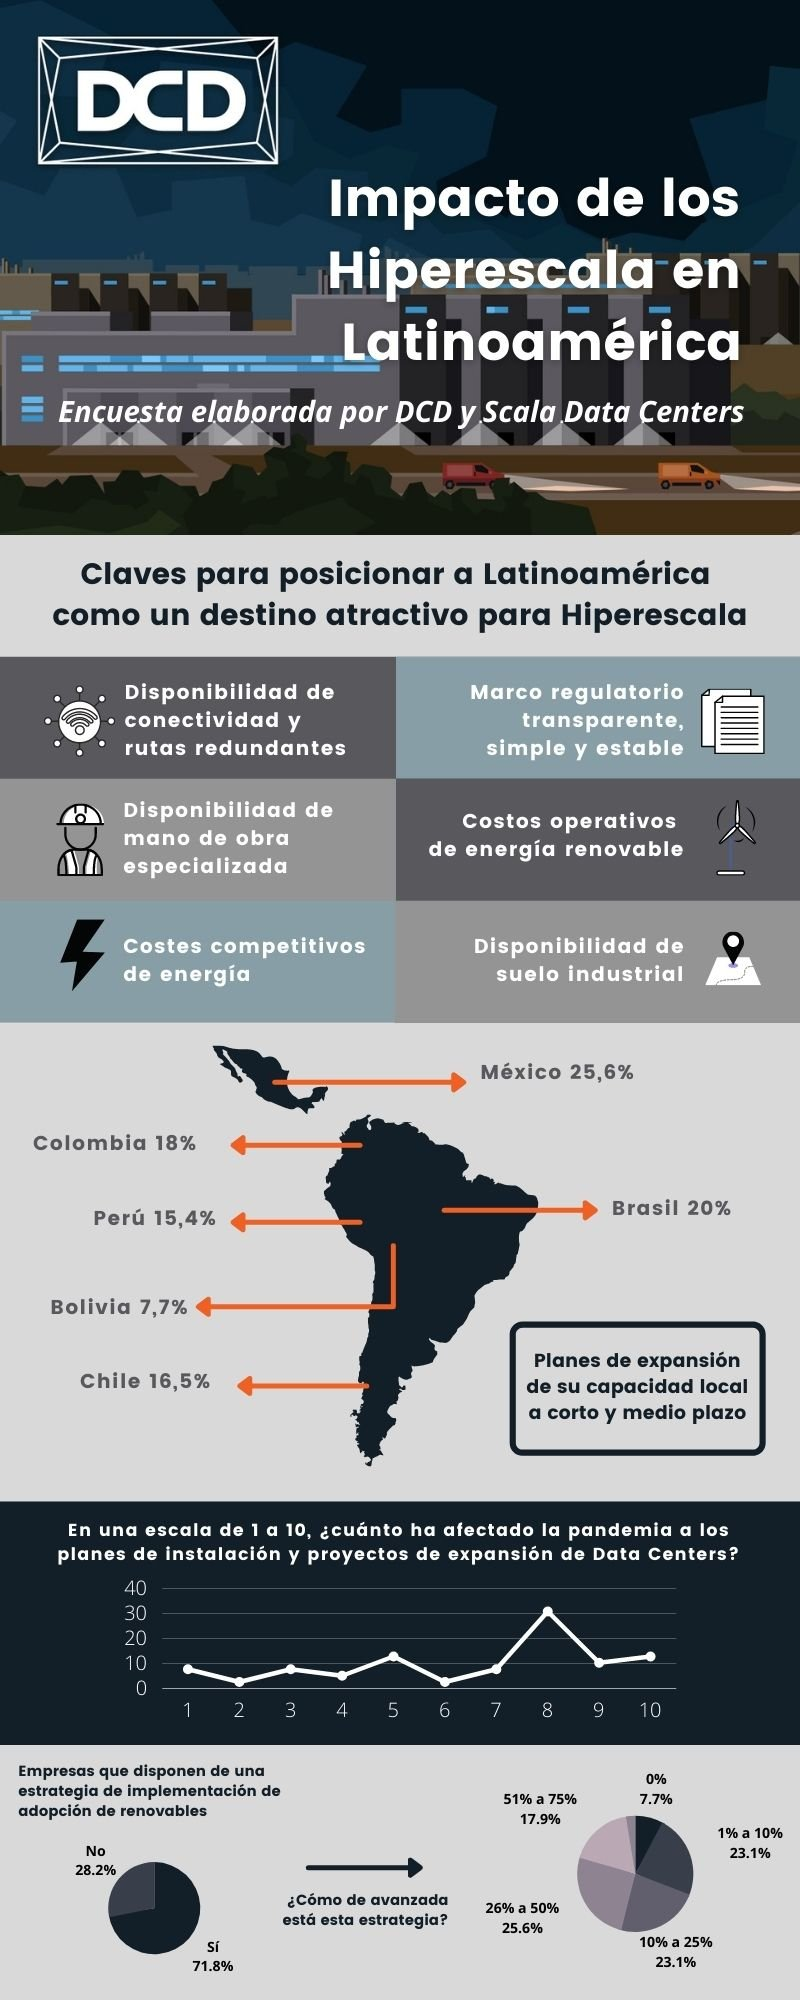 Impacto de los Hiperescala en Latinoamérica (1).jpg